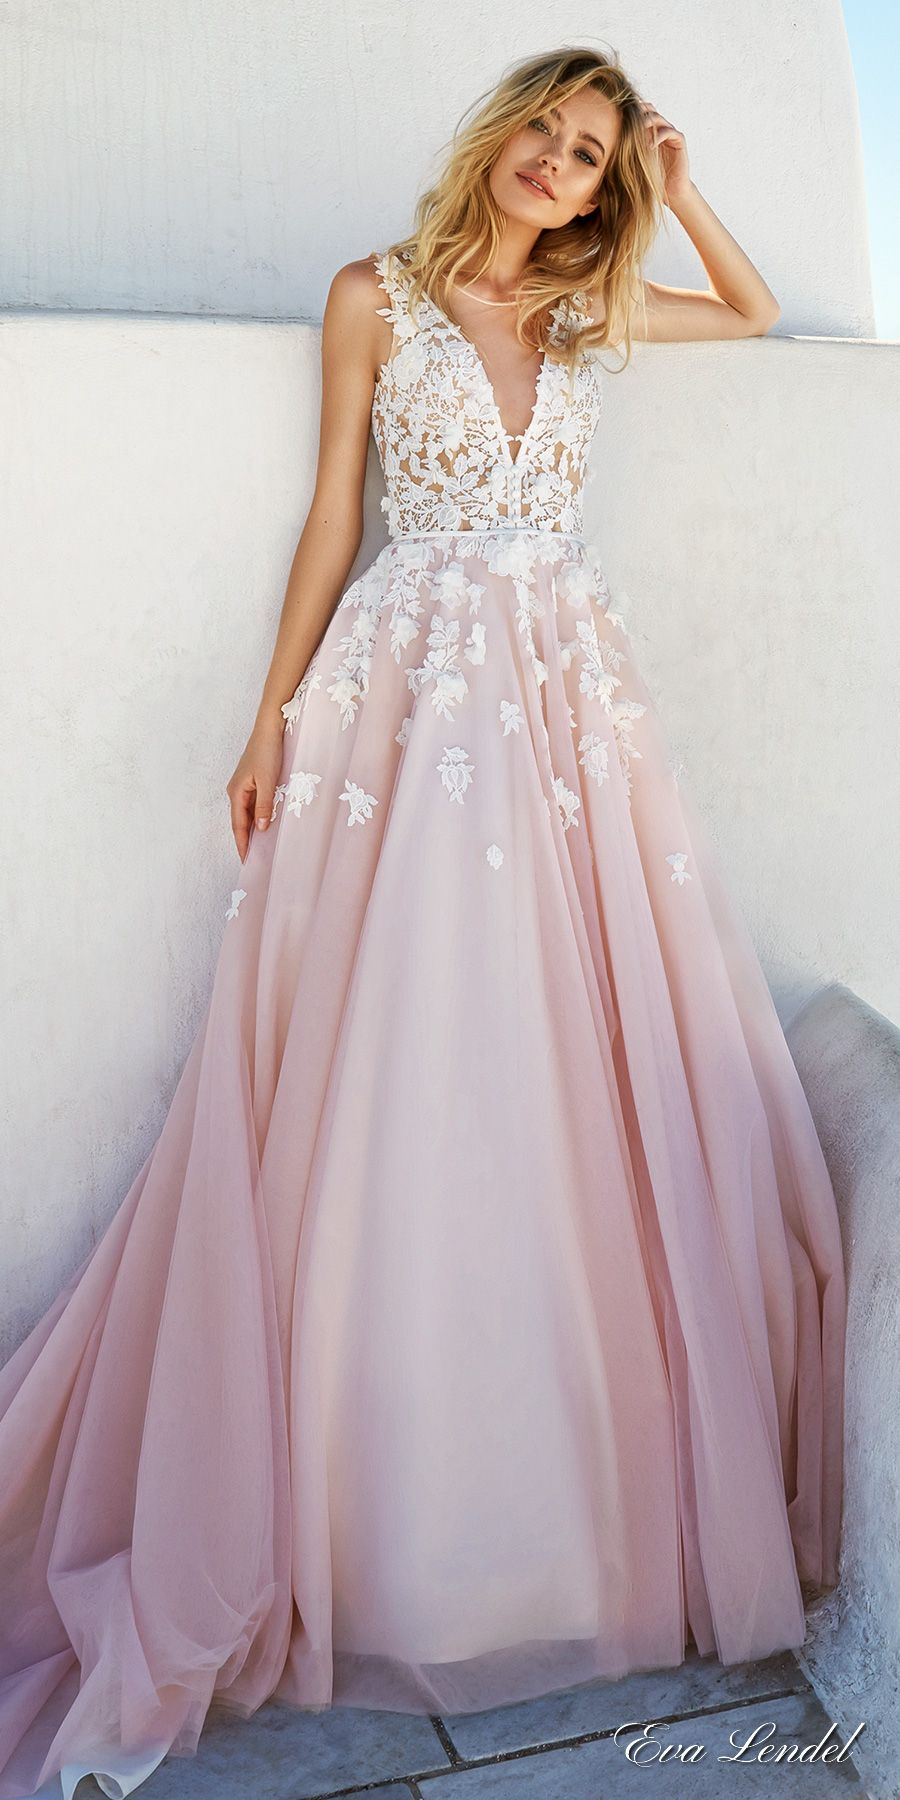 Ik doe dat aan op jouw trouw | Wedding dresses | Pinterest | Kleider ...